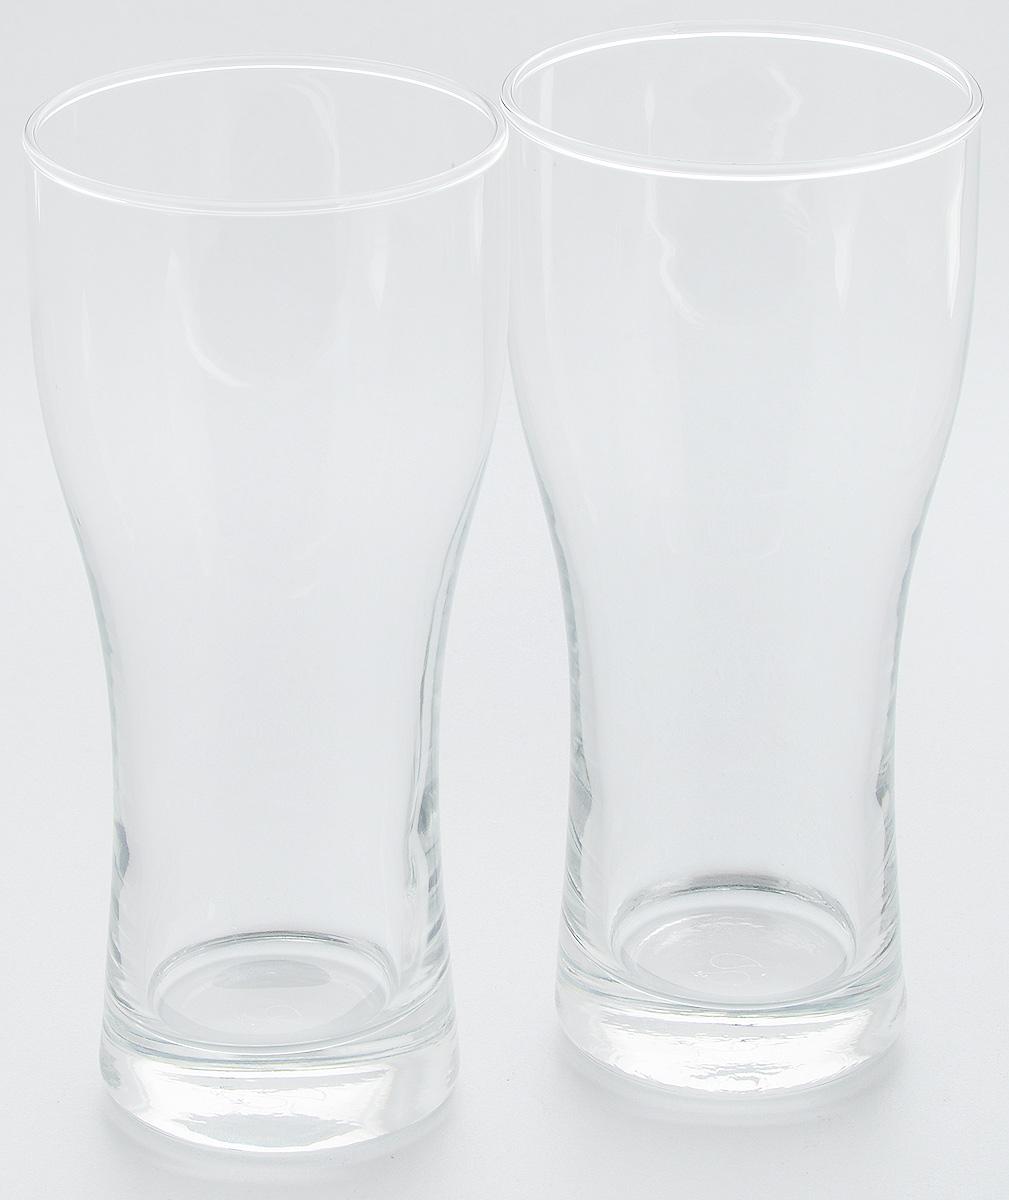 Набор бокалов для пива Pasabahce Pub, 500 мл, 2 шт